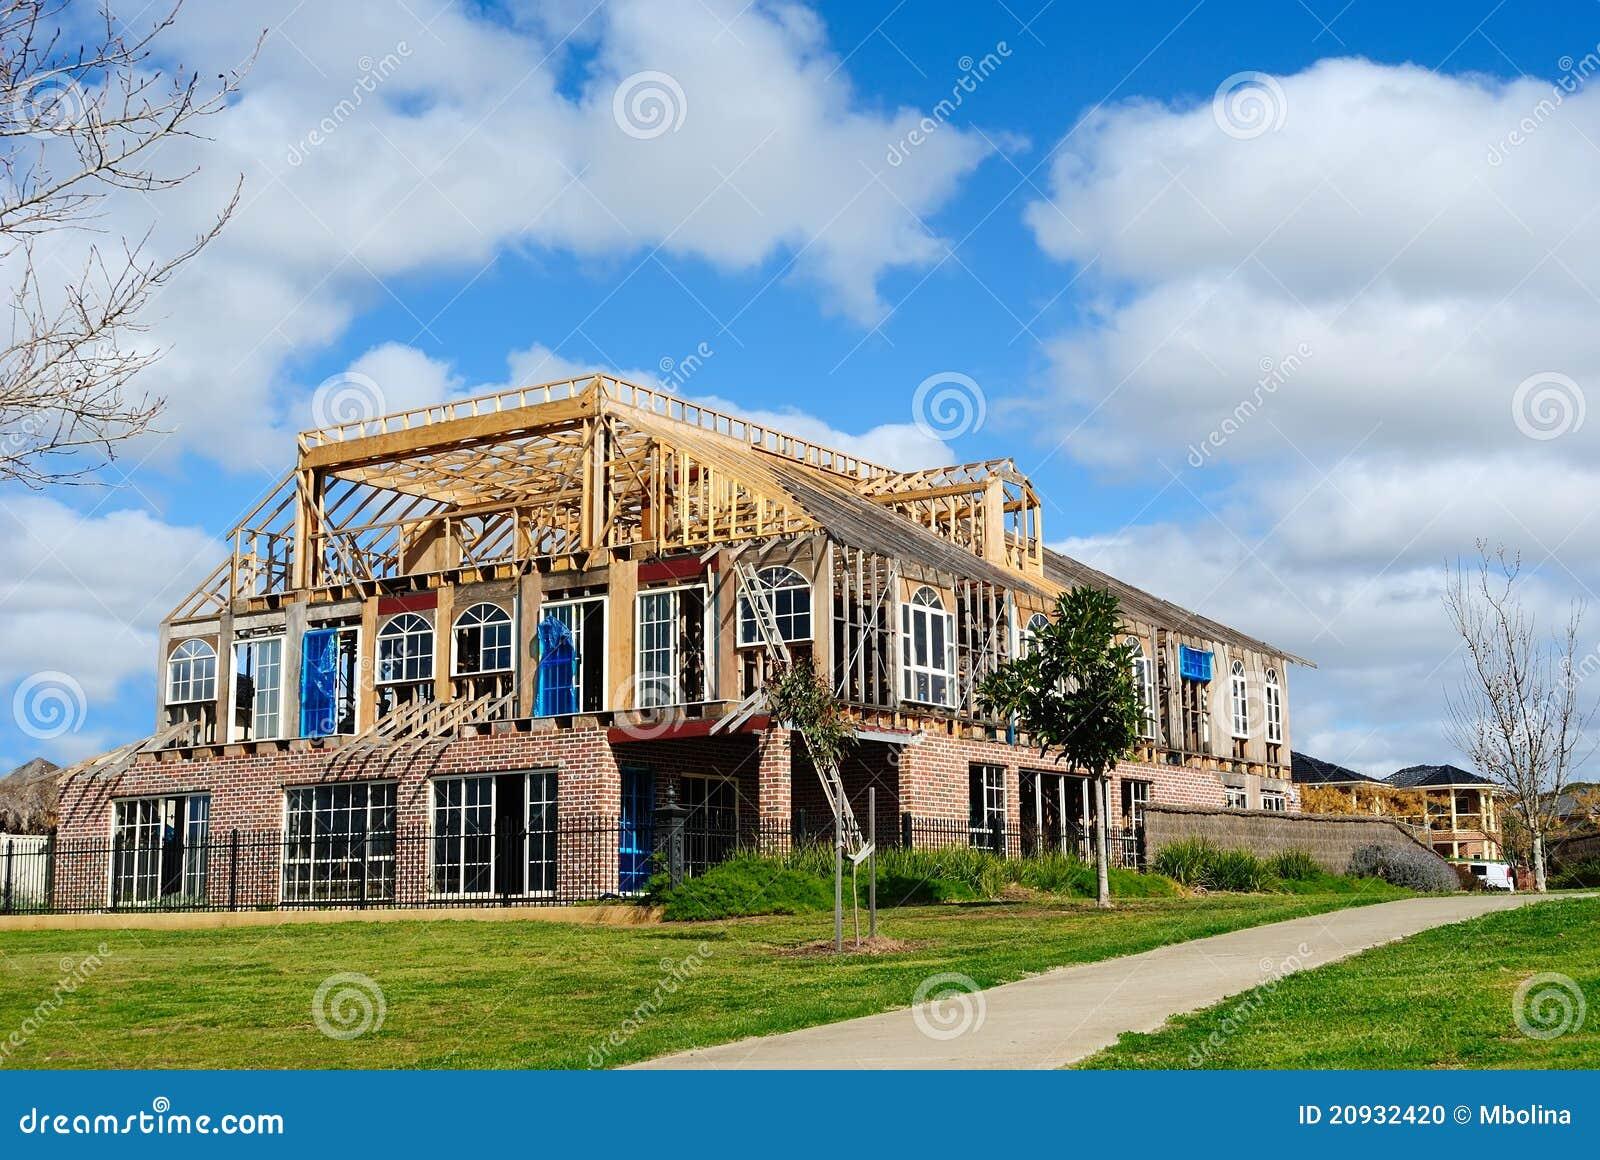 Bouw van nieuw huis met modern ontwerp stock foto beeld 20932420 - Nieuw huis ...